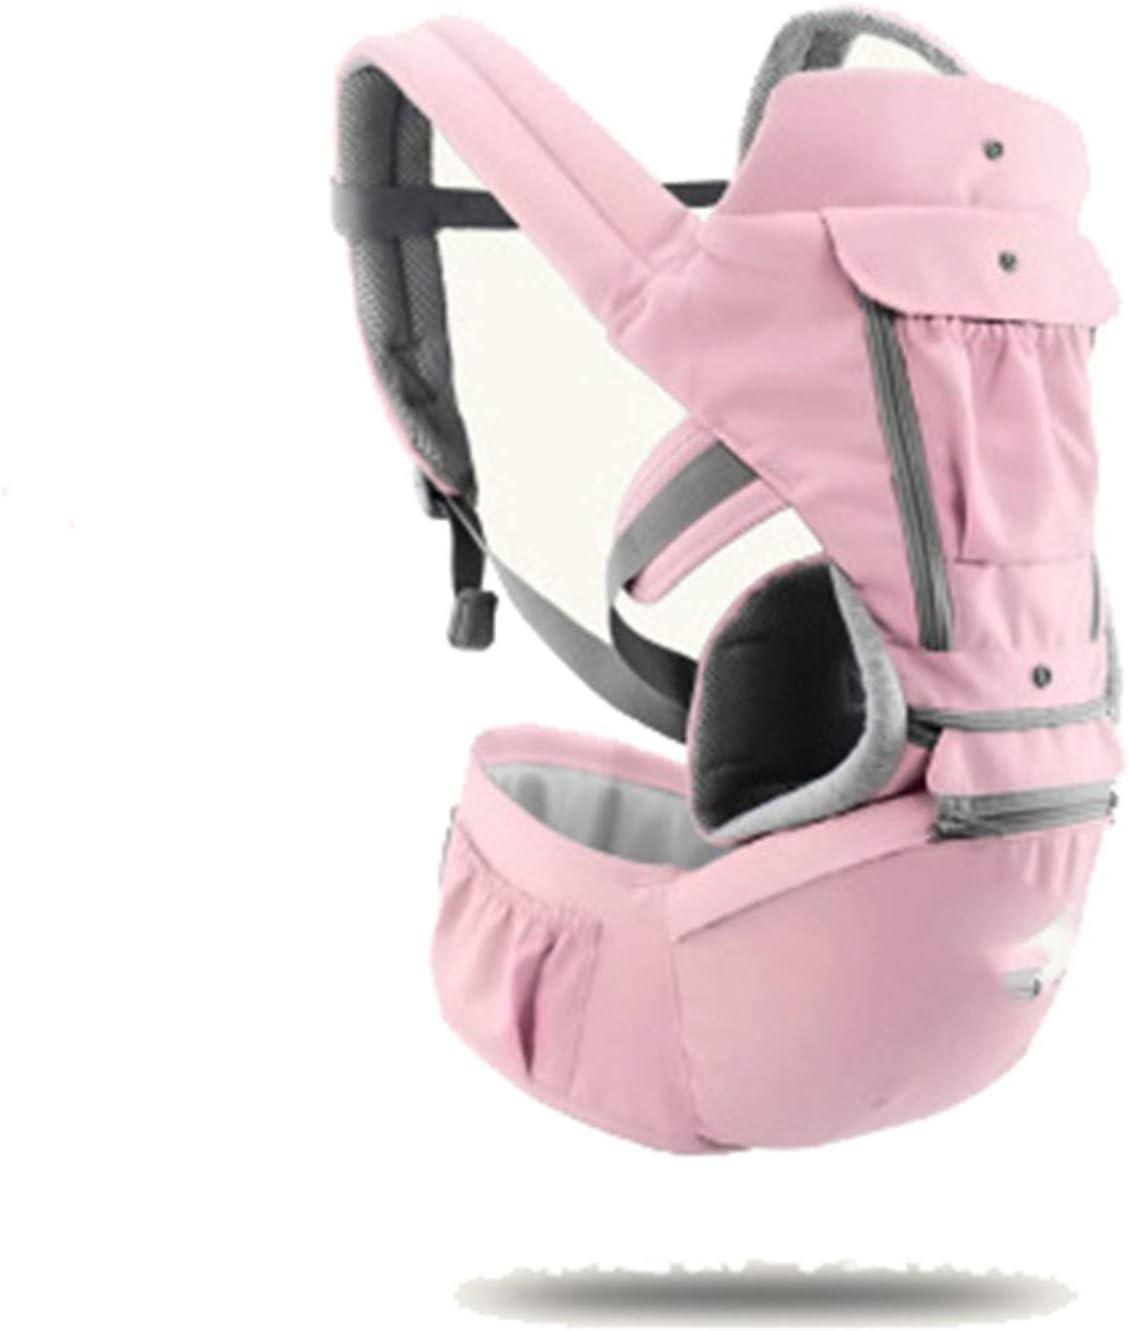 HWZZ Portabebés para Bebés Tipo De Retención Frontal Multifuncional Cuatro Estaciones Ventilación General Kid Hipseat Sling para Viajes De Bebé De 0 A 36 Meses,Rosado